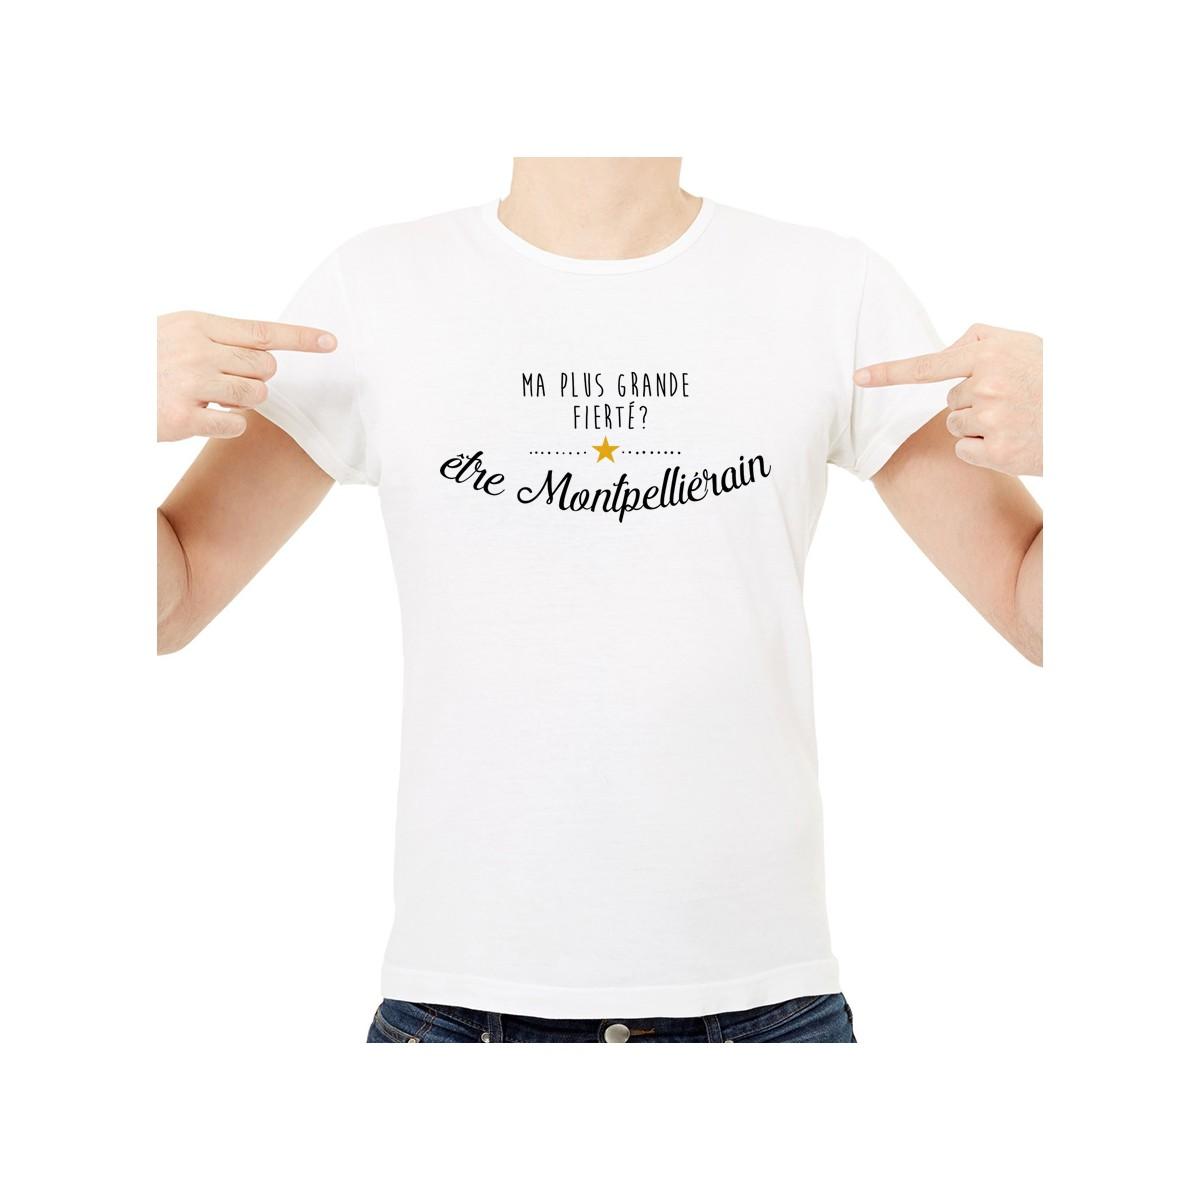 T-shirt Ma plus grande fierté... être Montpelliérain